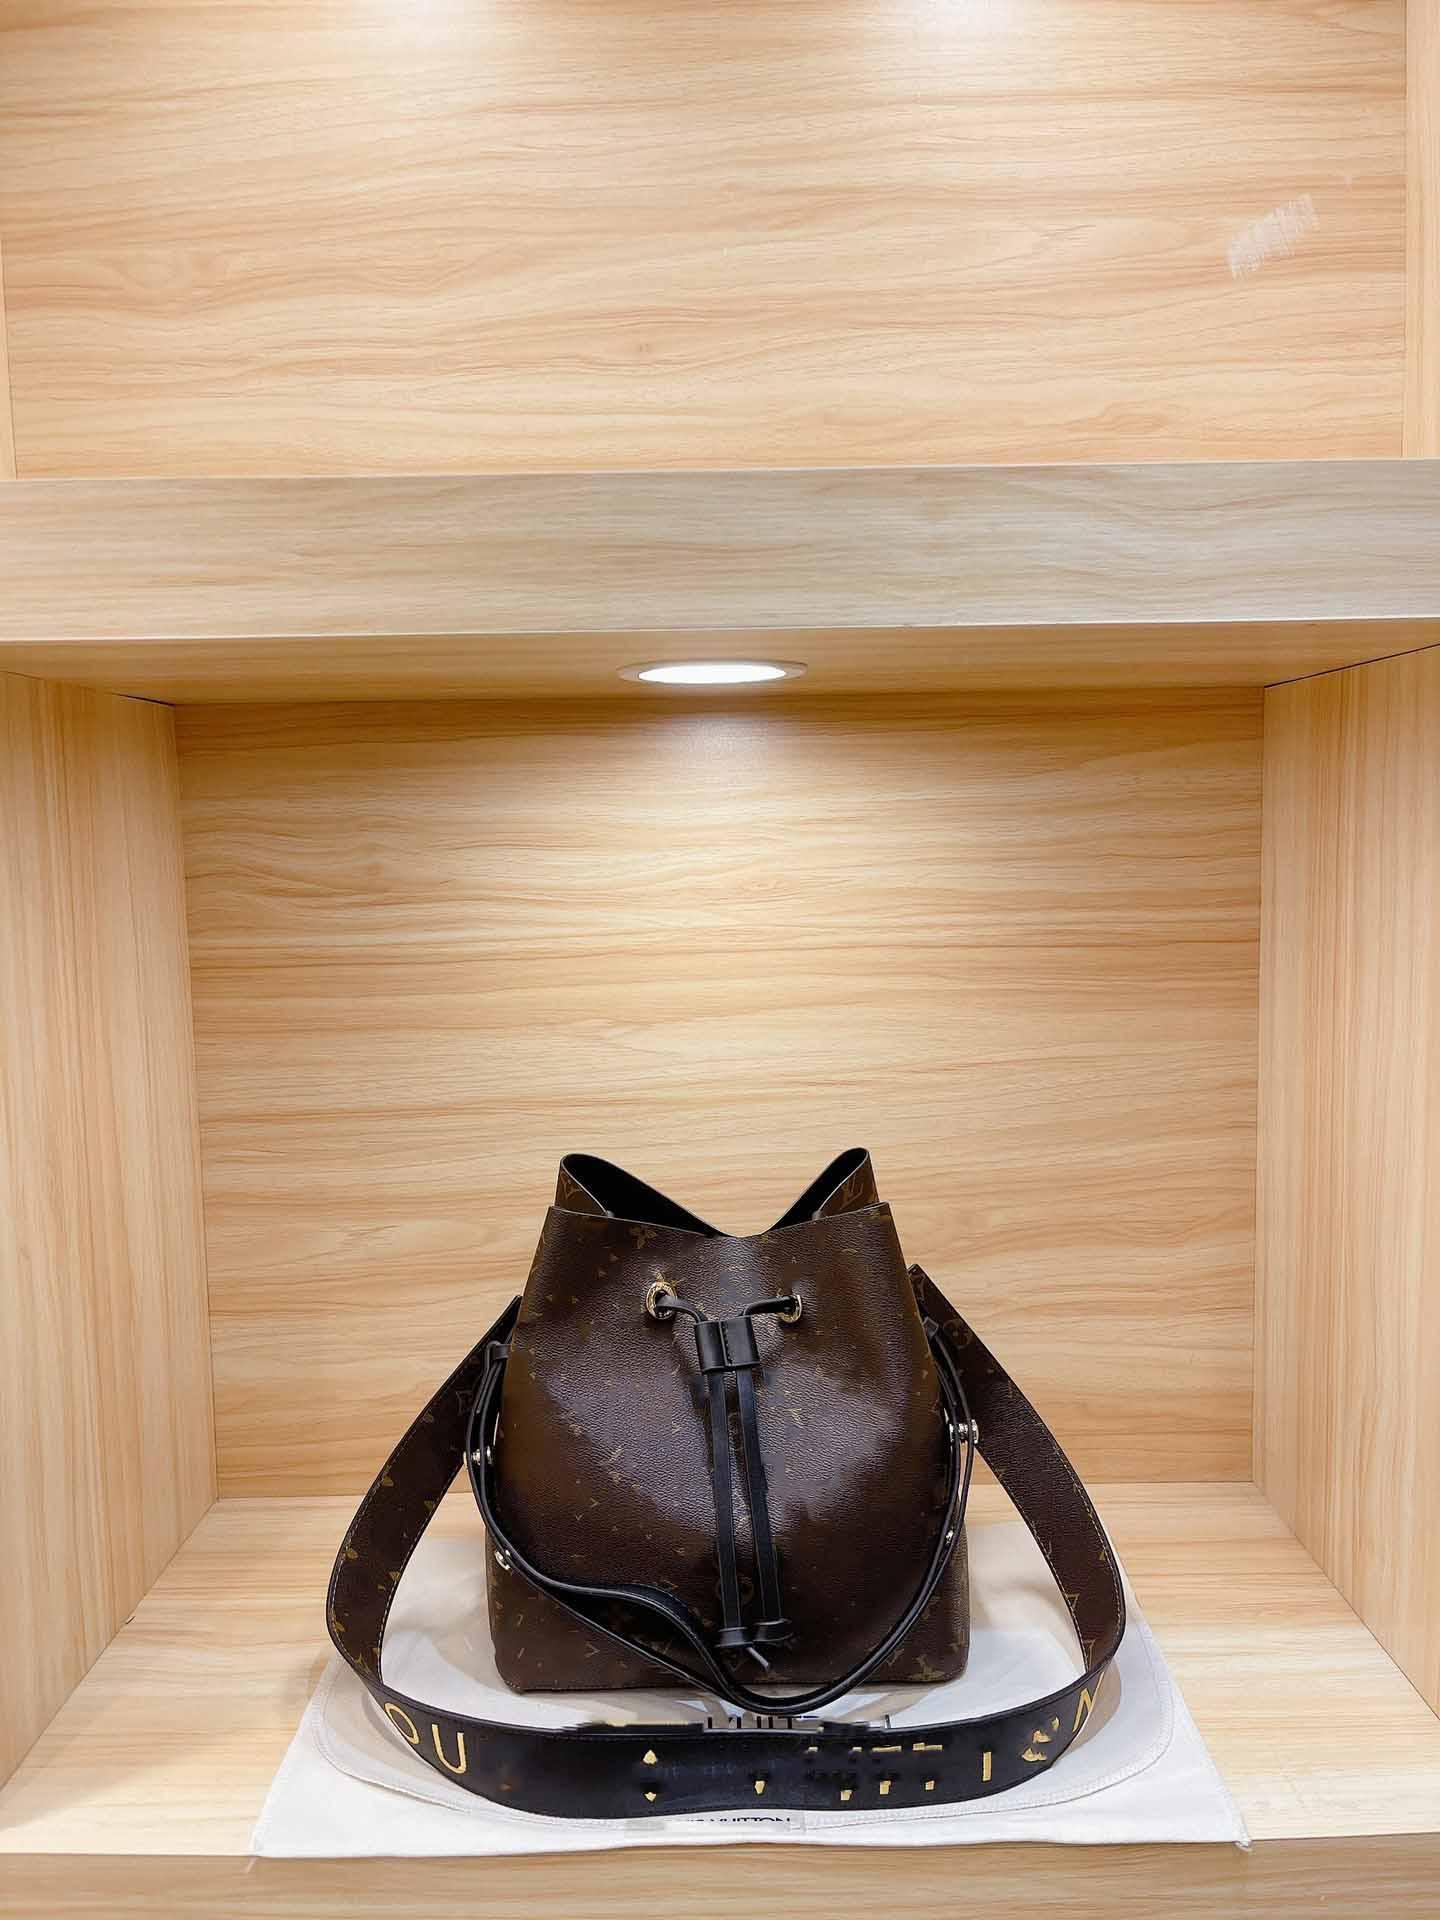 أزياء 5A + حقائب اليد دلو الأصلي ماركة حقيبة يد تصميم النساء جلد الغنم حقيبة الكتف حقيبة حمل محفظة مع الرباط luxe محفظة الفضة سلسلة